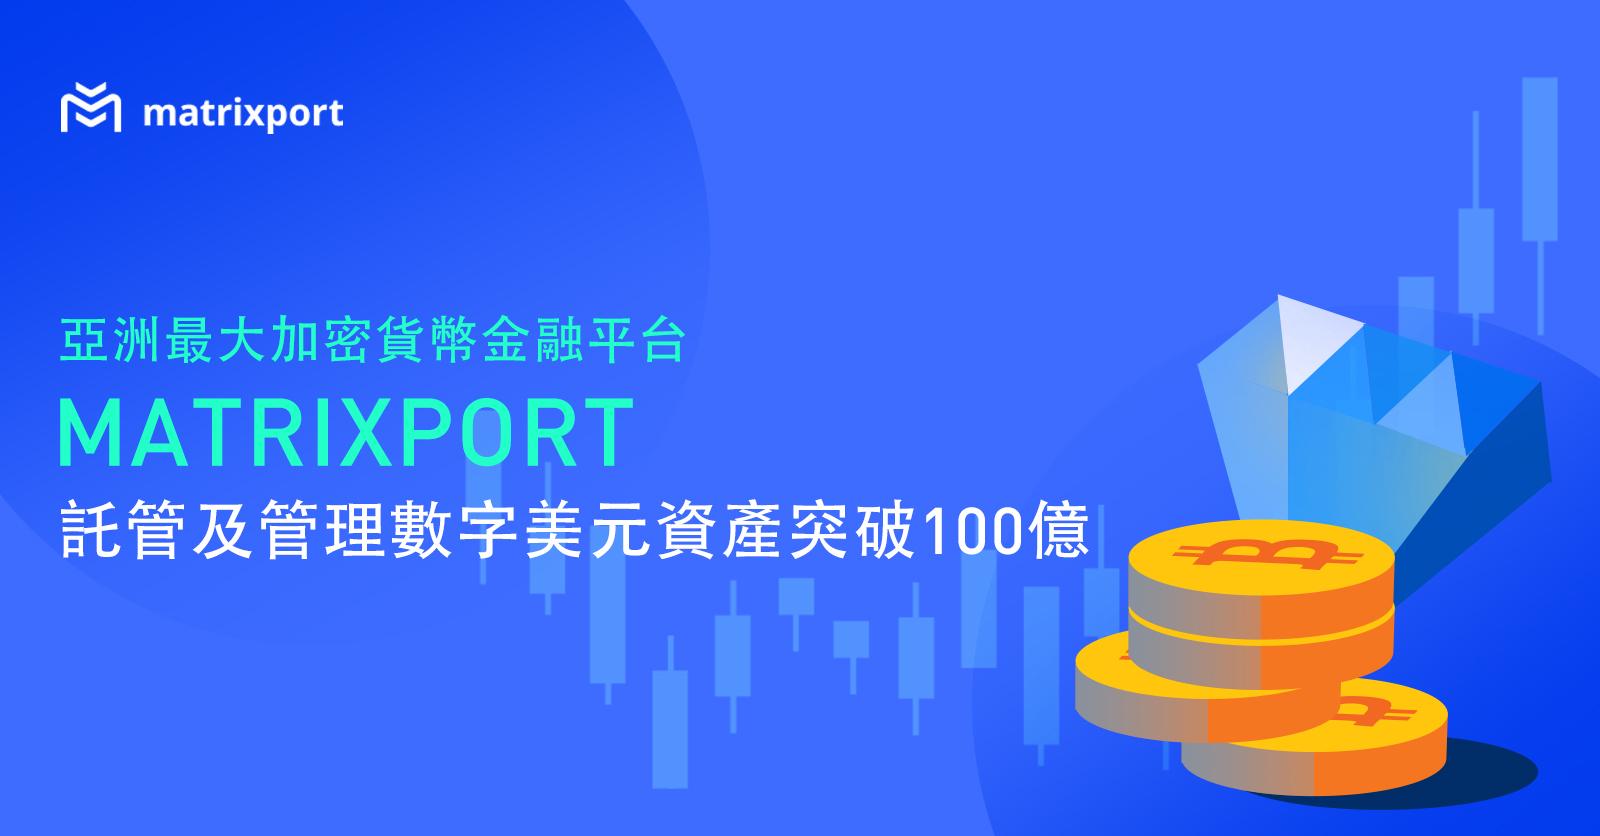 【快訊】亞洲最大加密貨幣金融平台 Matrixport 託管及管理加密貨幣美元資產突破 100 億